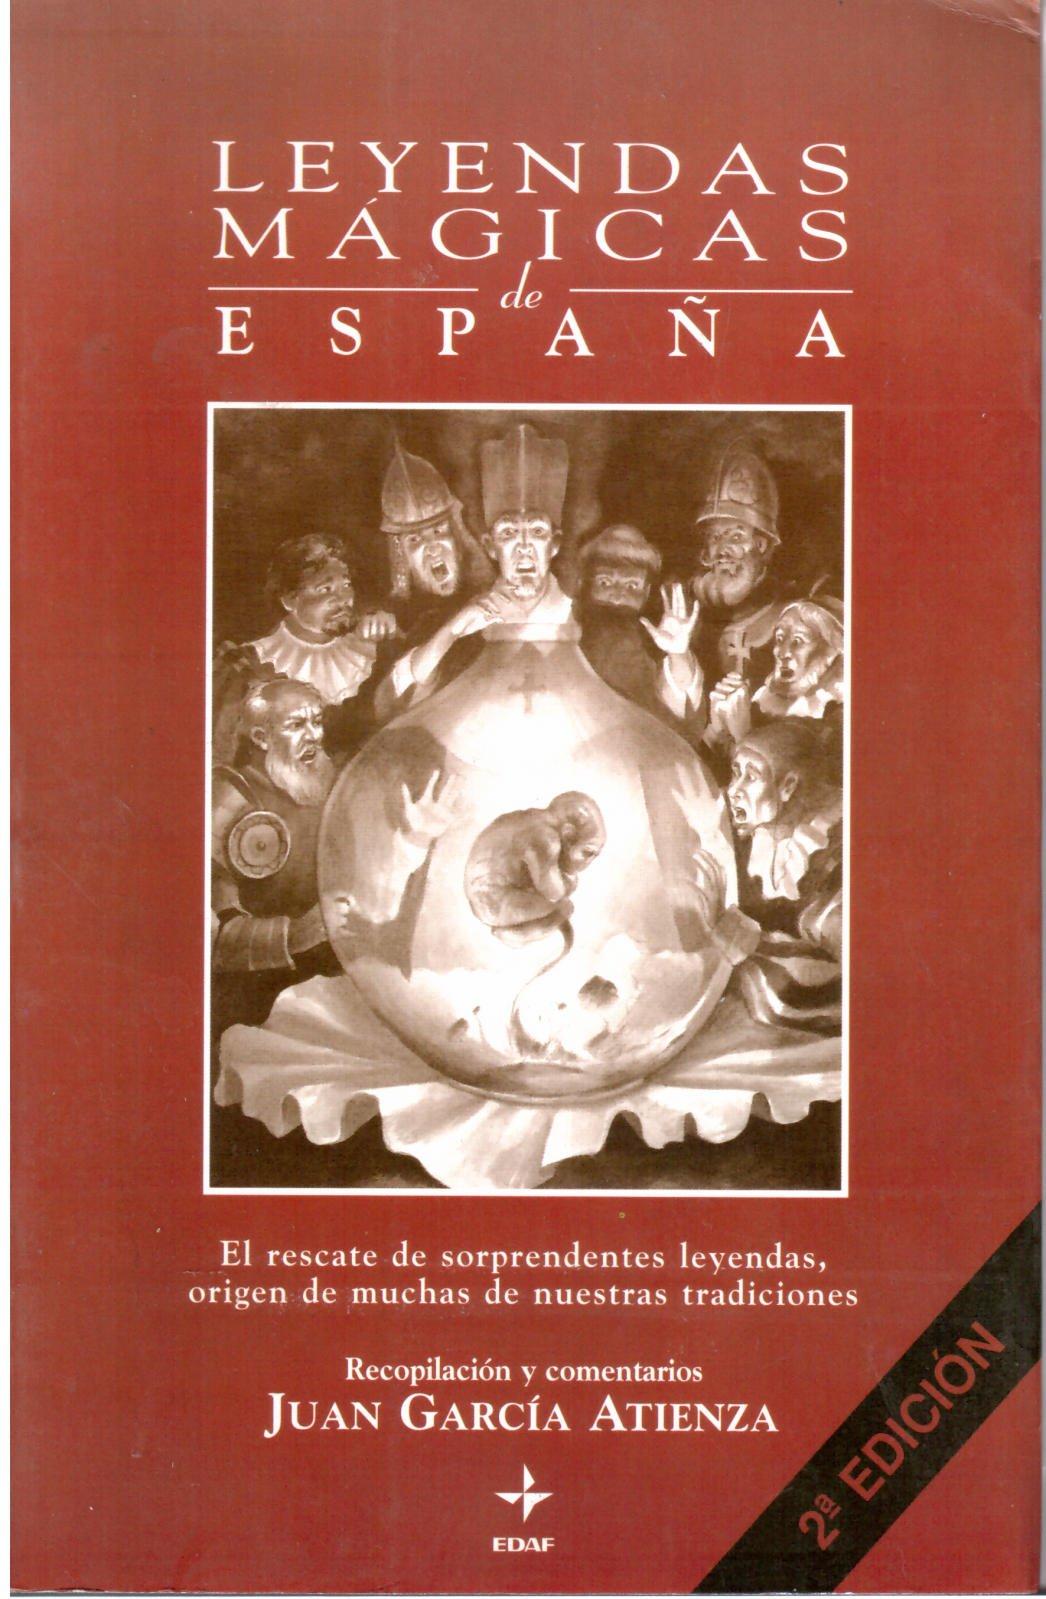 Leyendas magicas de España (Biblioteca De Psicologia): Amazon.es: Juan Garcia Atienza: Libros